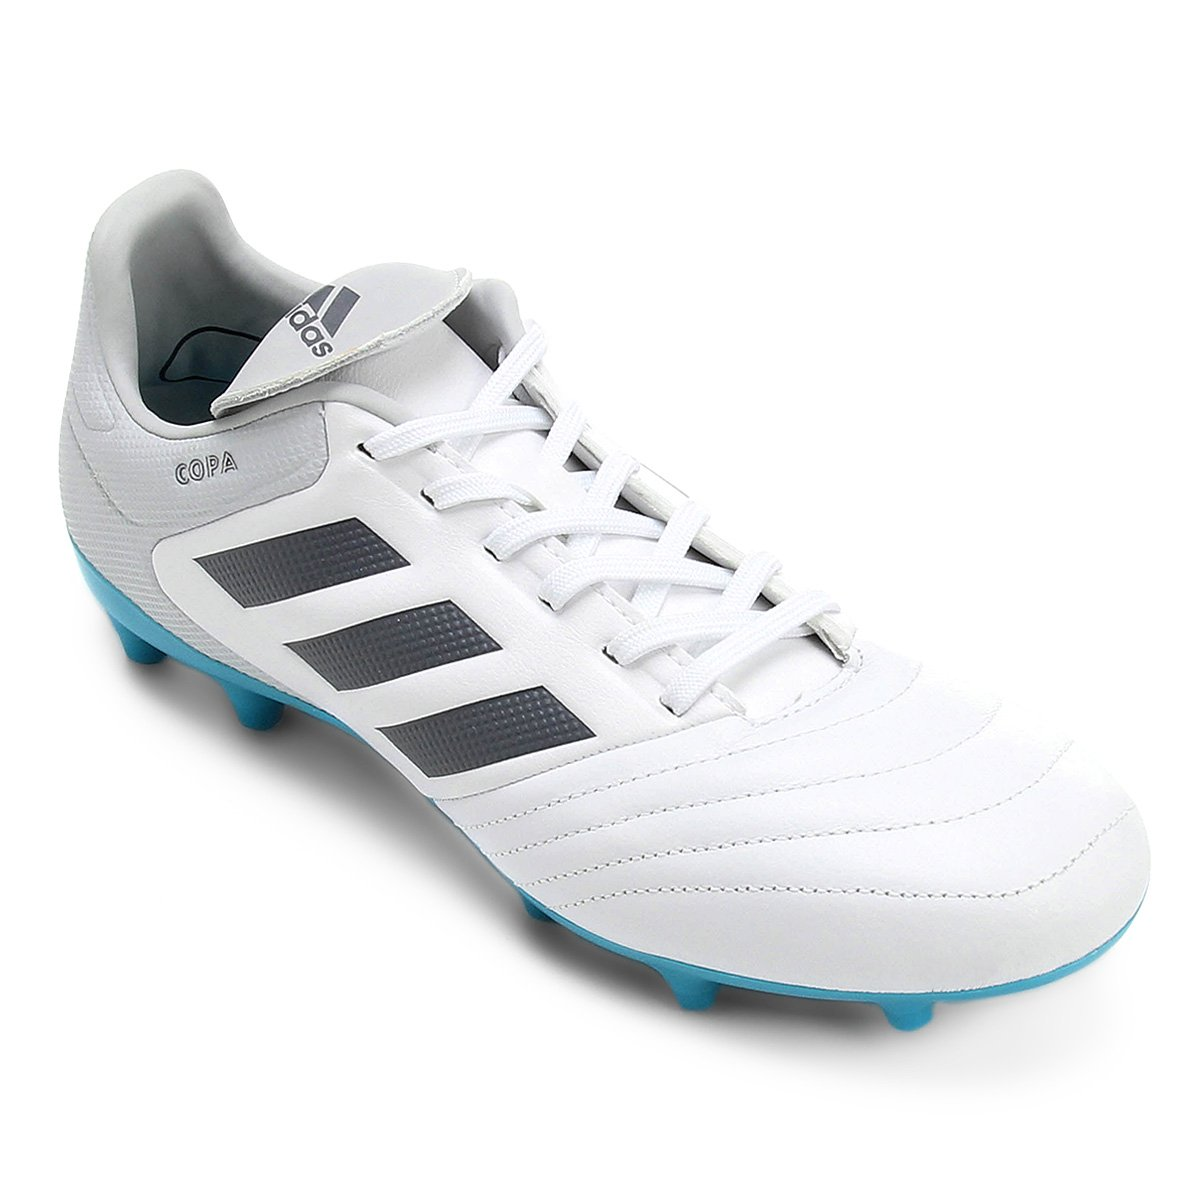 7fb7cfd28 Chuteira Campo Adidas Copa 17.3 FG - Branco - Compre Agora